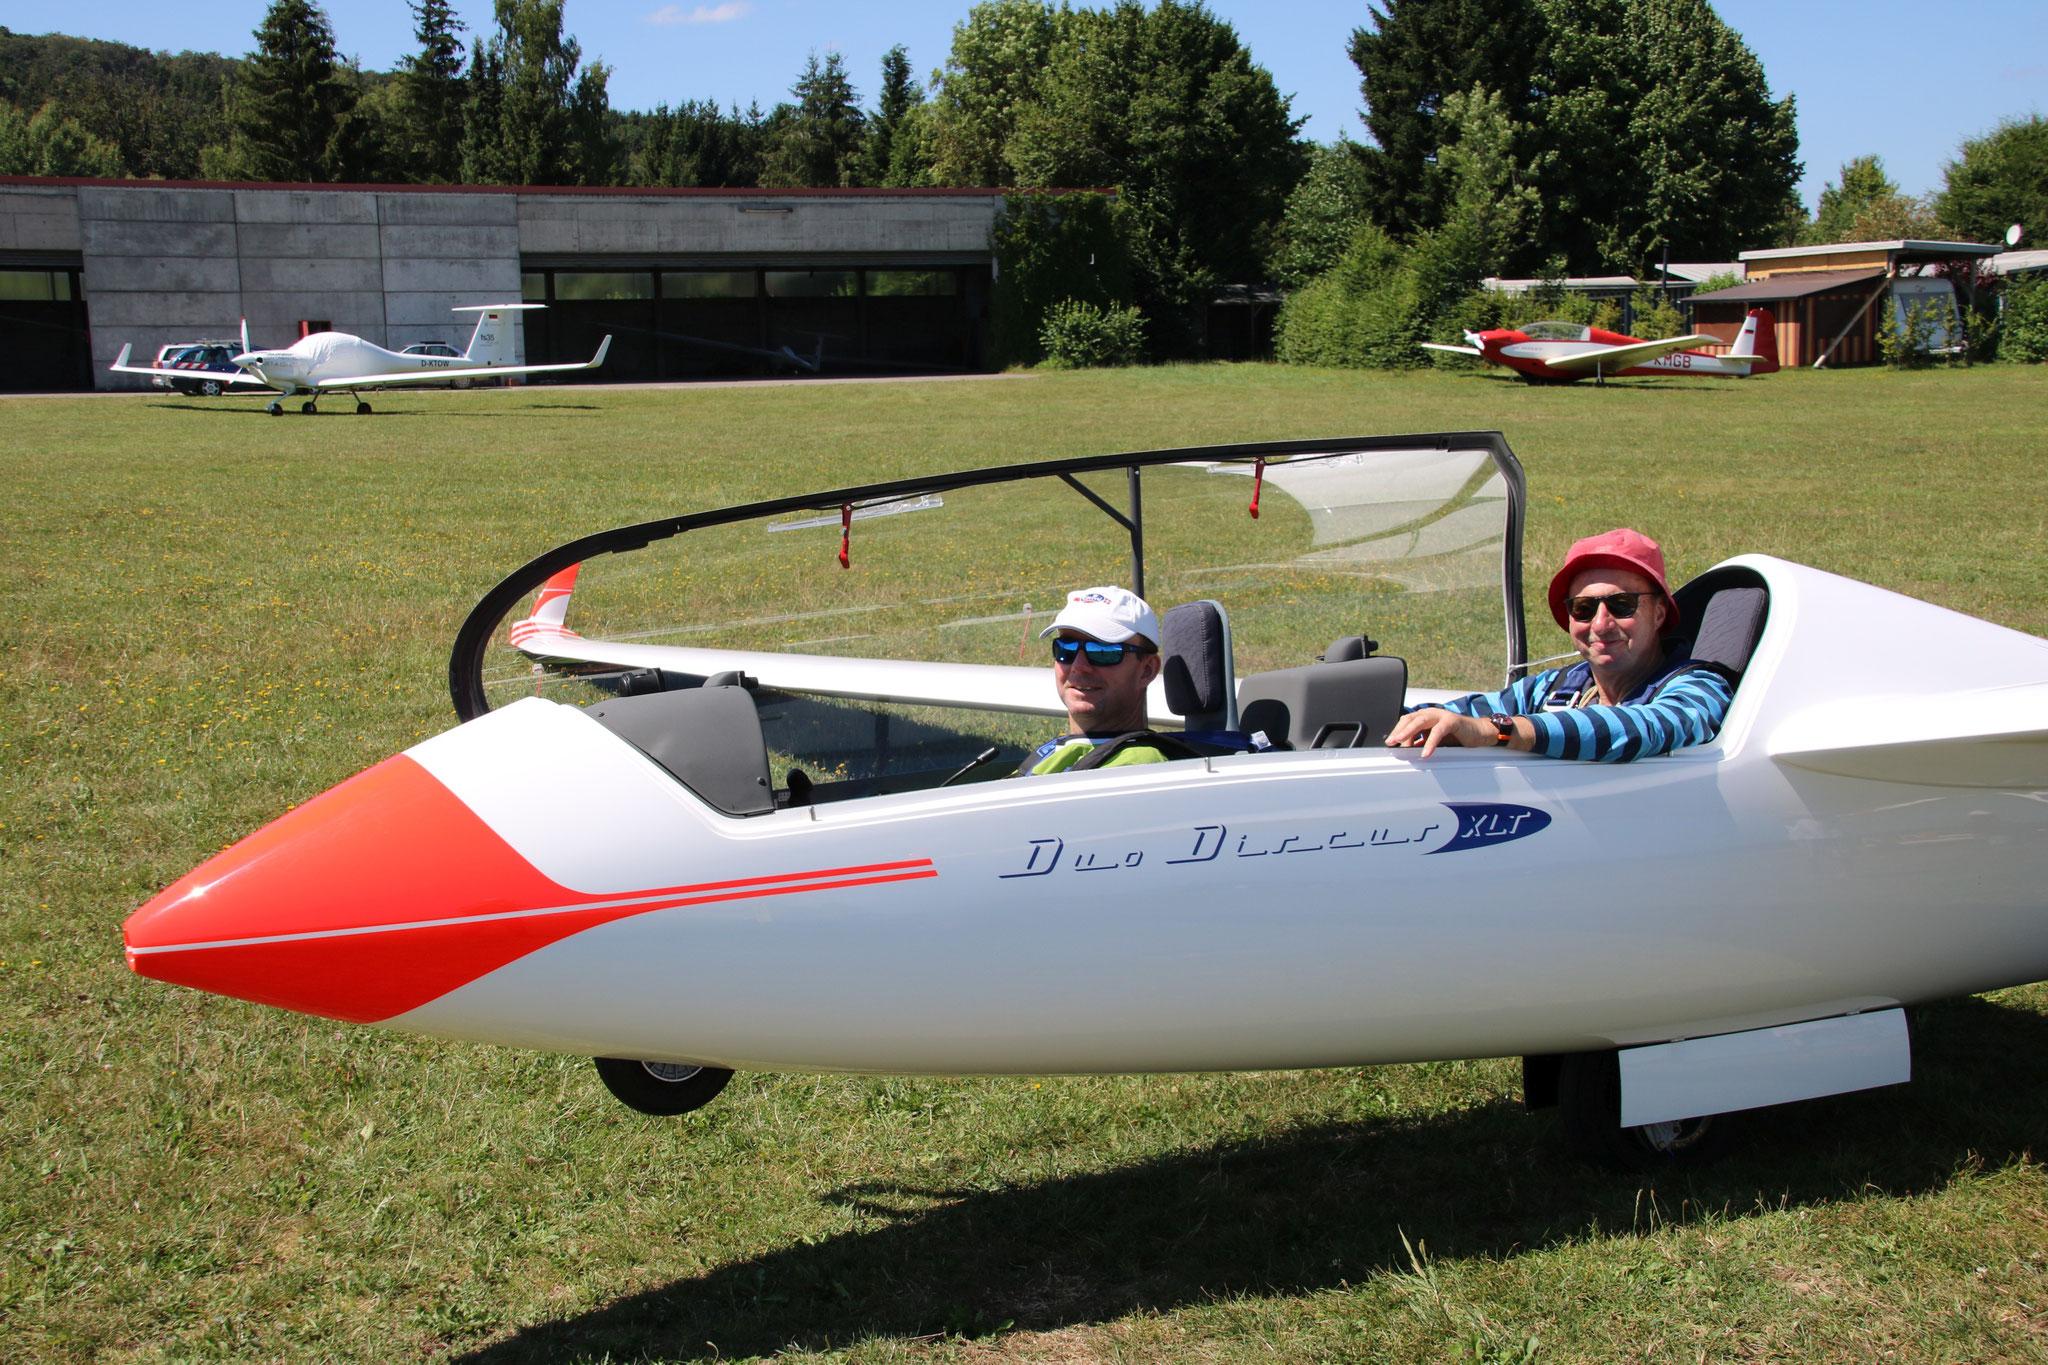 Duo Discus XLT mit Steffen (vo.) und Jürgen vor einem Streckenflug